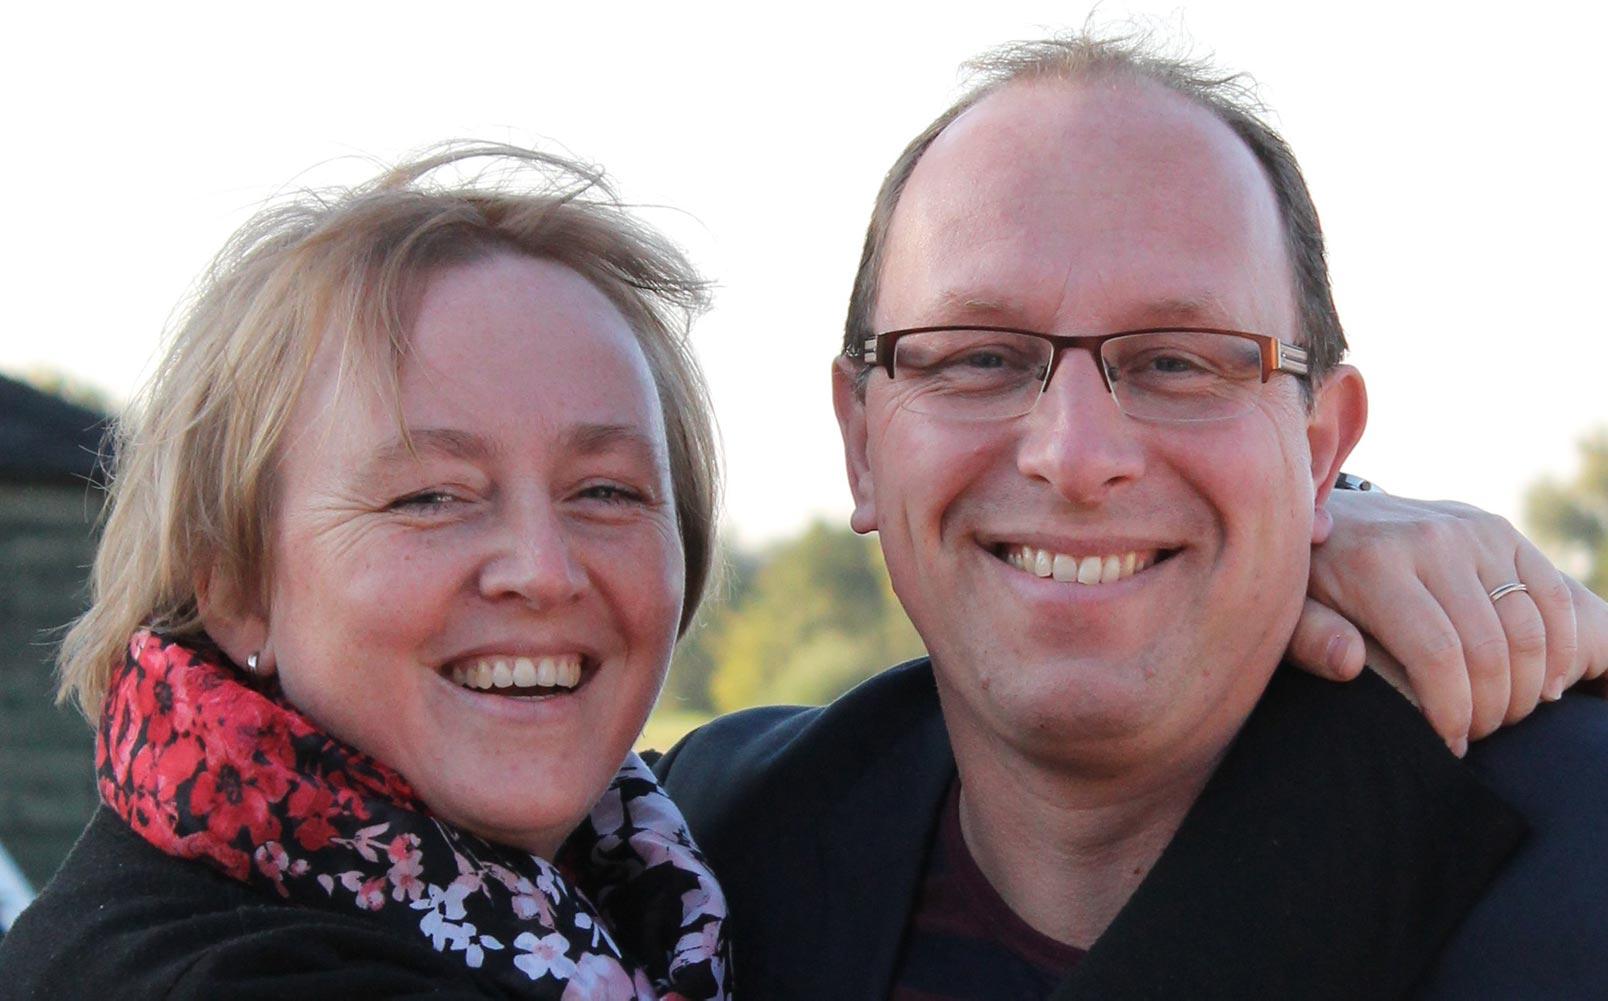 Bijbelschool Foundation 4 Life - Pieter en Kyra Zwart